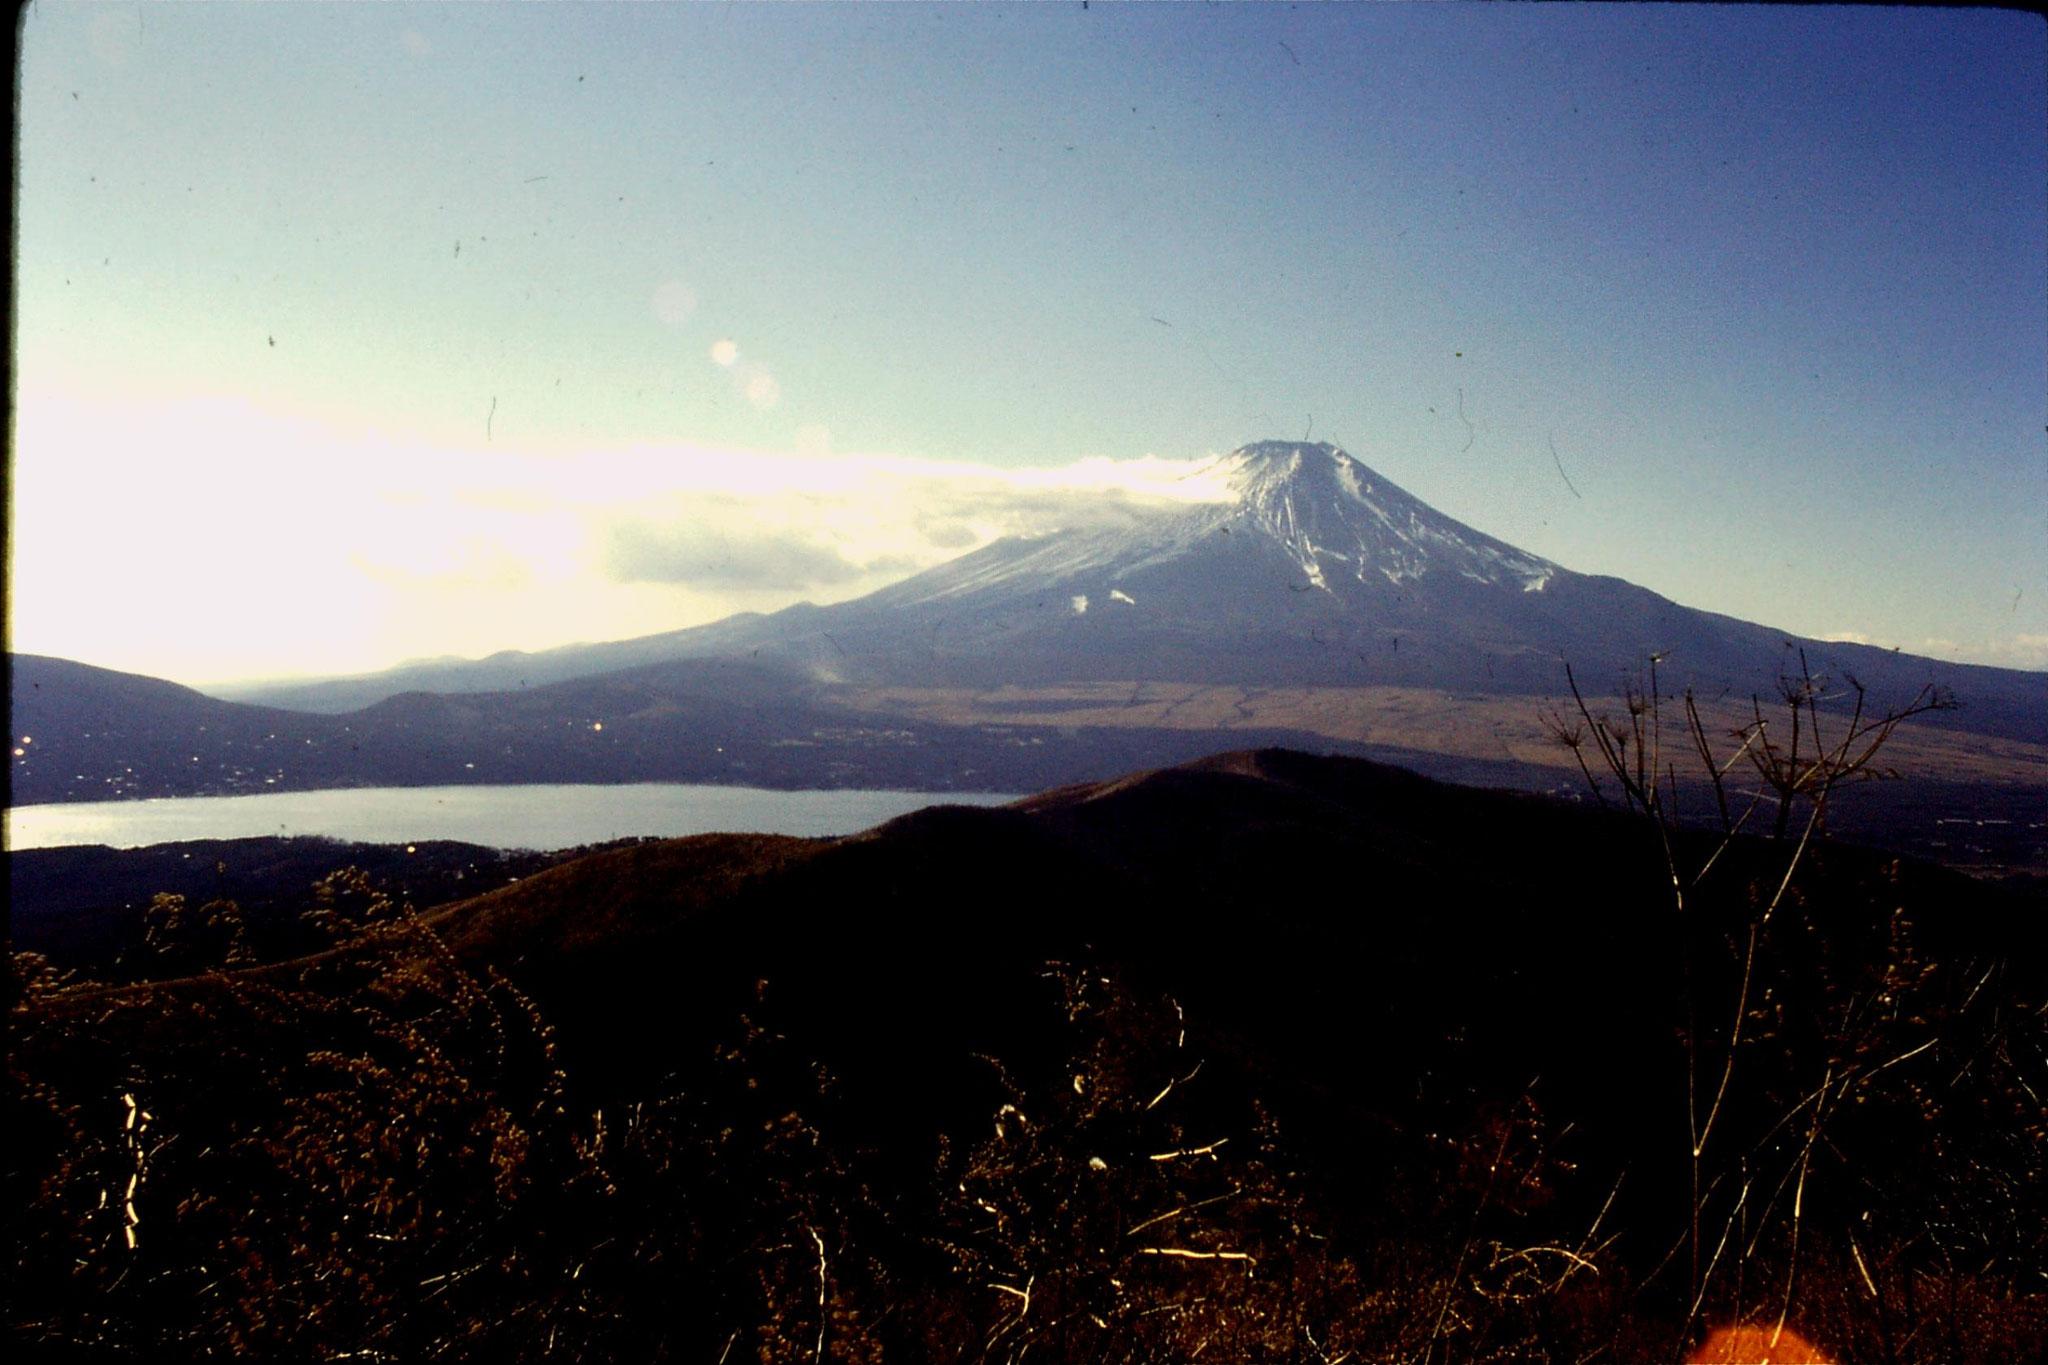 30/12/1988: 7: Lake Yamanatako & Fuji